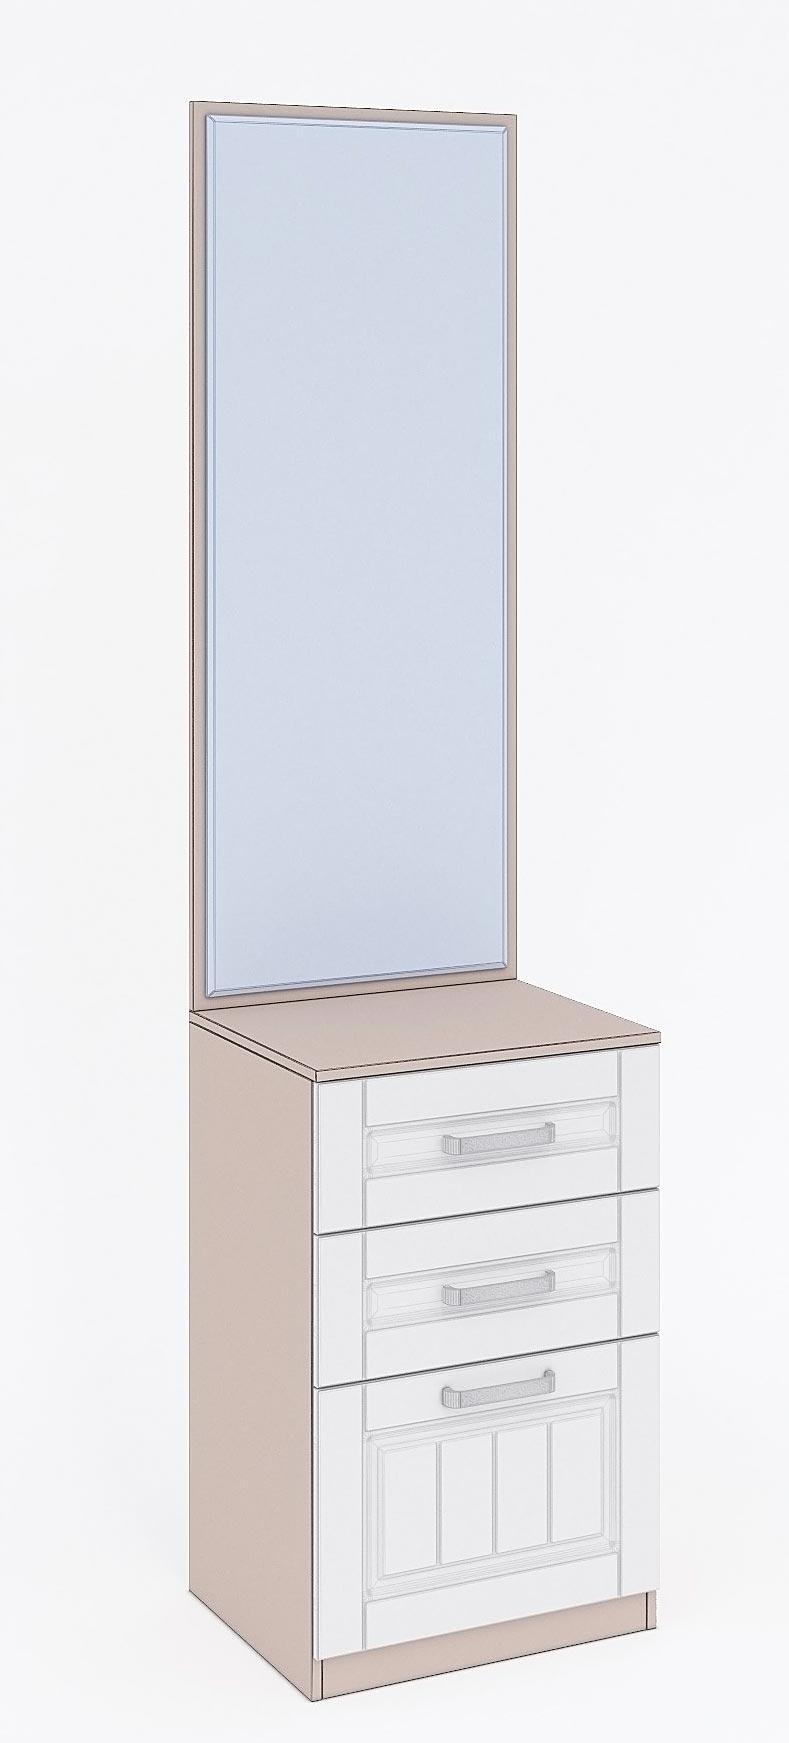 Секция Кентавр 2000 Аллегро с зеркалом, №72